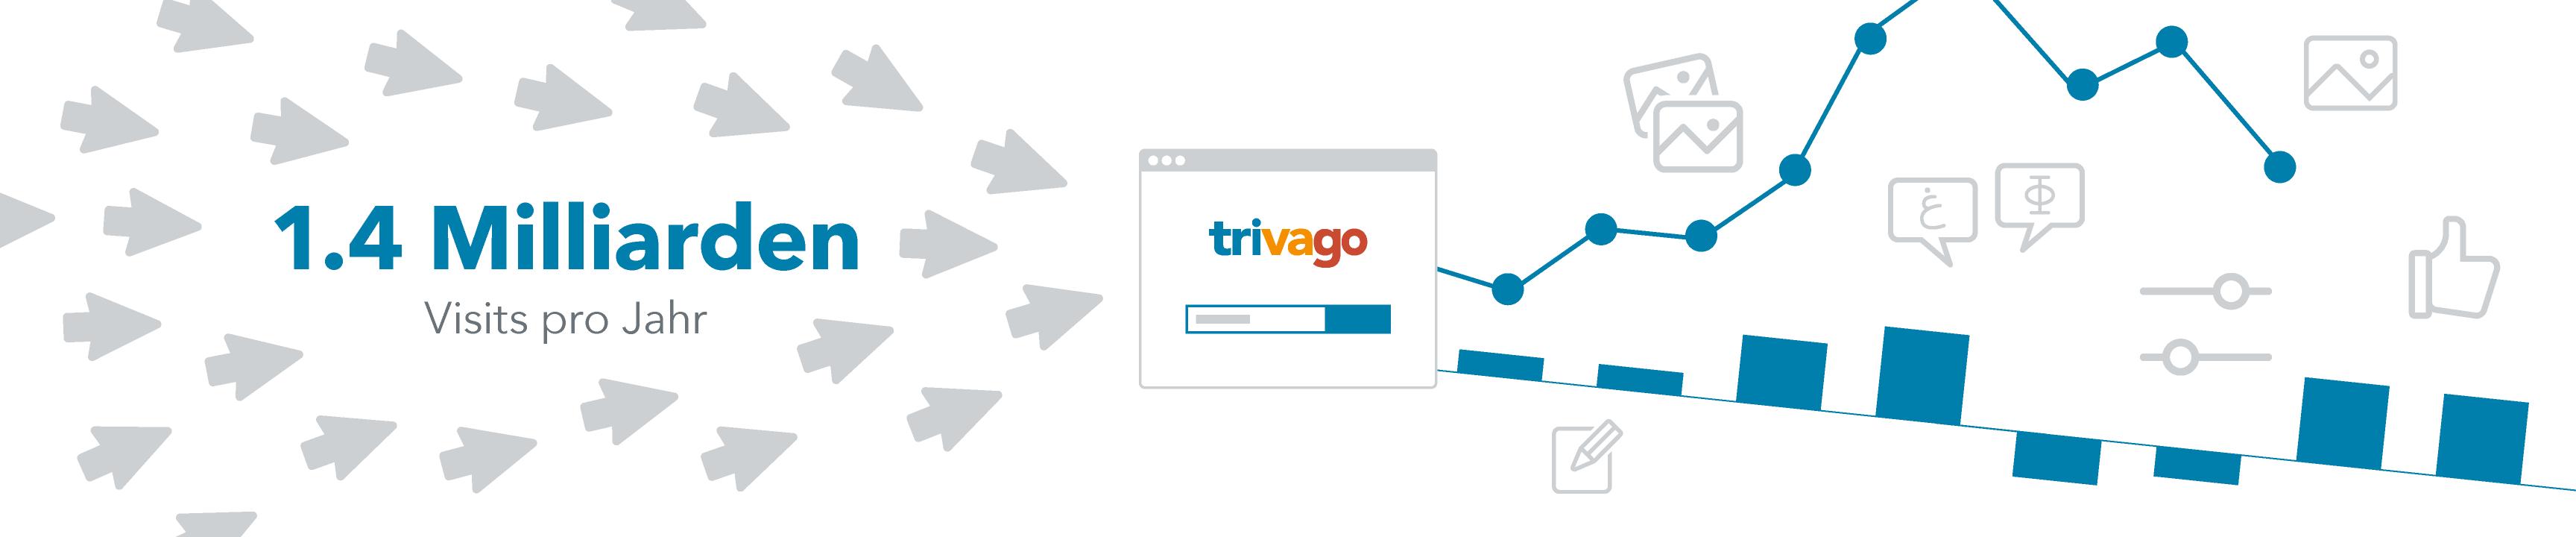 Eine Grafik, die zeigt, wie aus dem trivago Traffic Big Data und Analytics für Hoteliers werden